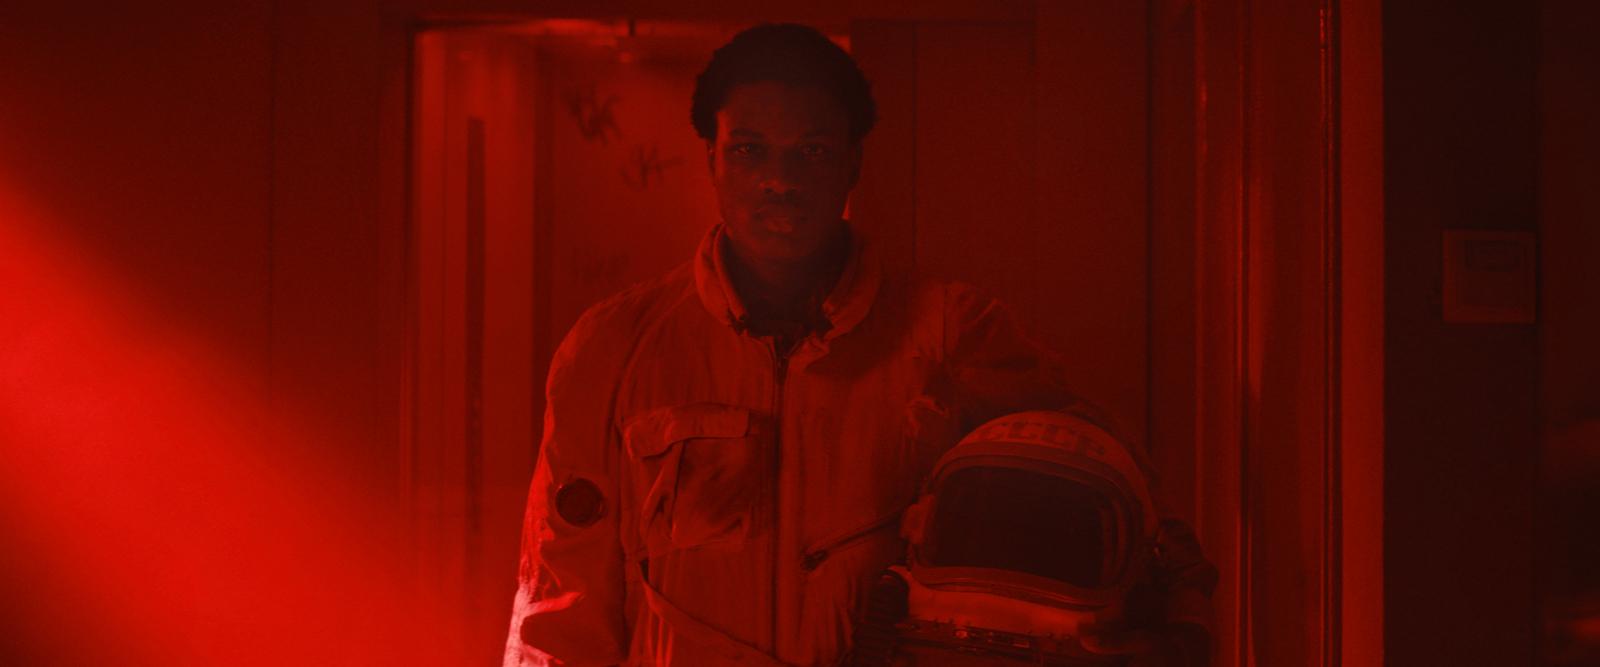 Cena do filme Edifício Gagarine. O personagem Youri, um menino de 16 anos negro de pele escura, está vestido com uma roupa de astronauta vintage. Ele segura o capacete da roupa nos braços. Ele está em um corredor, caminhando em direção a câmera. A iluminação da cena é toda em vermelho.